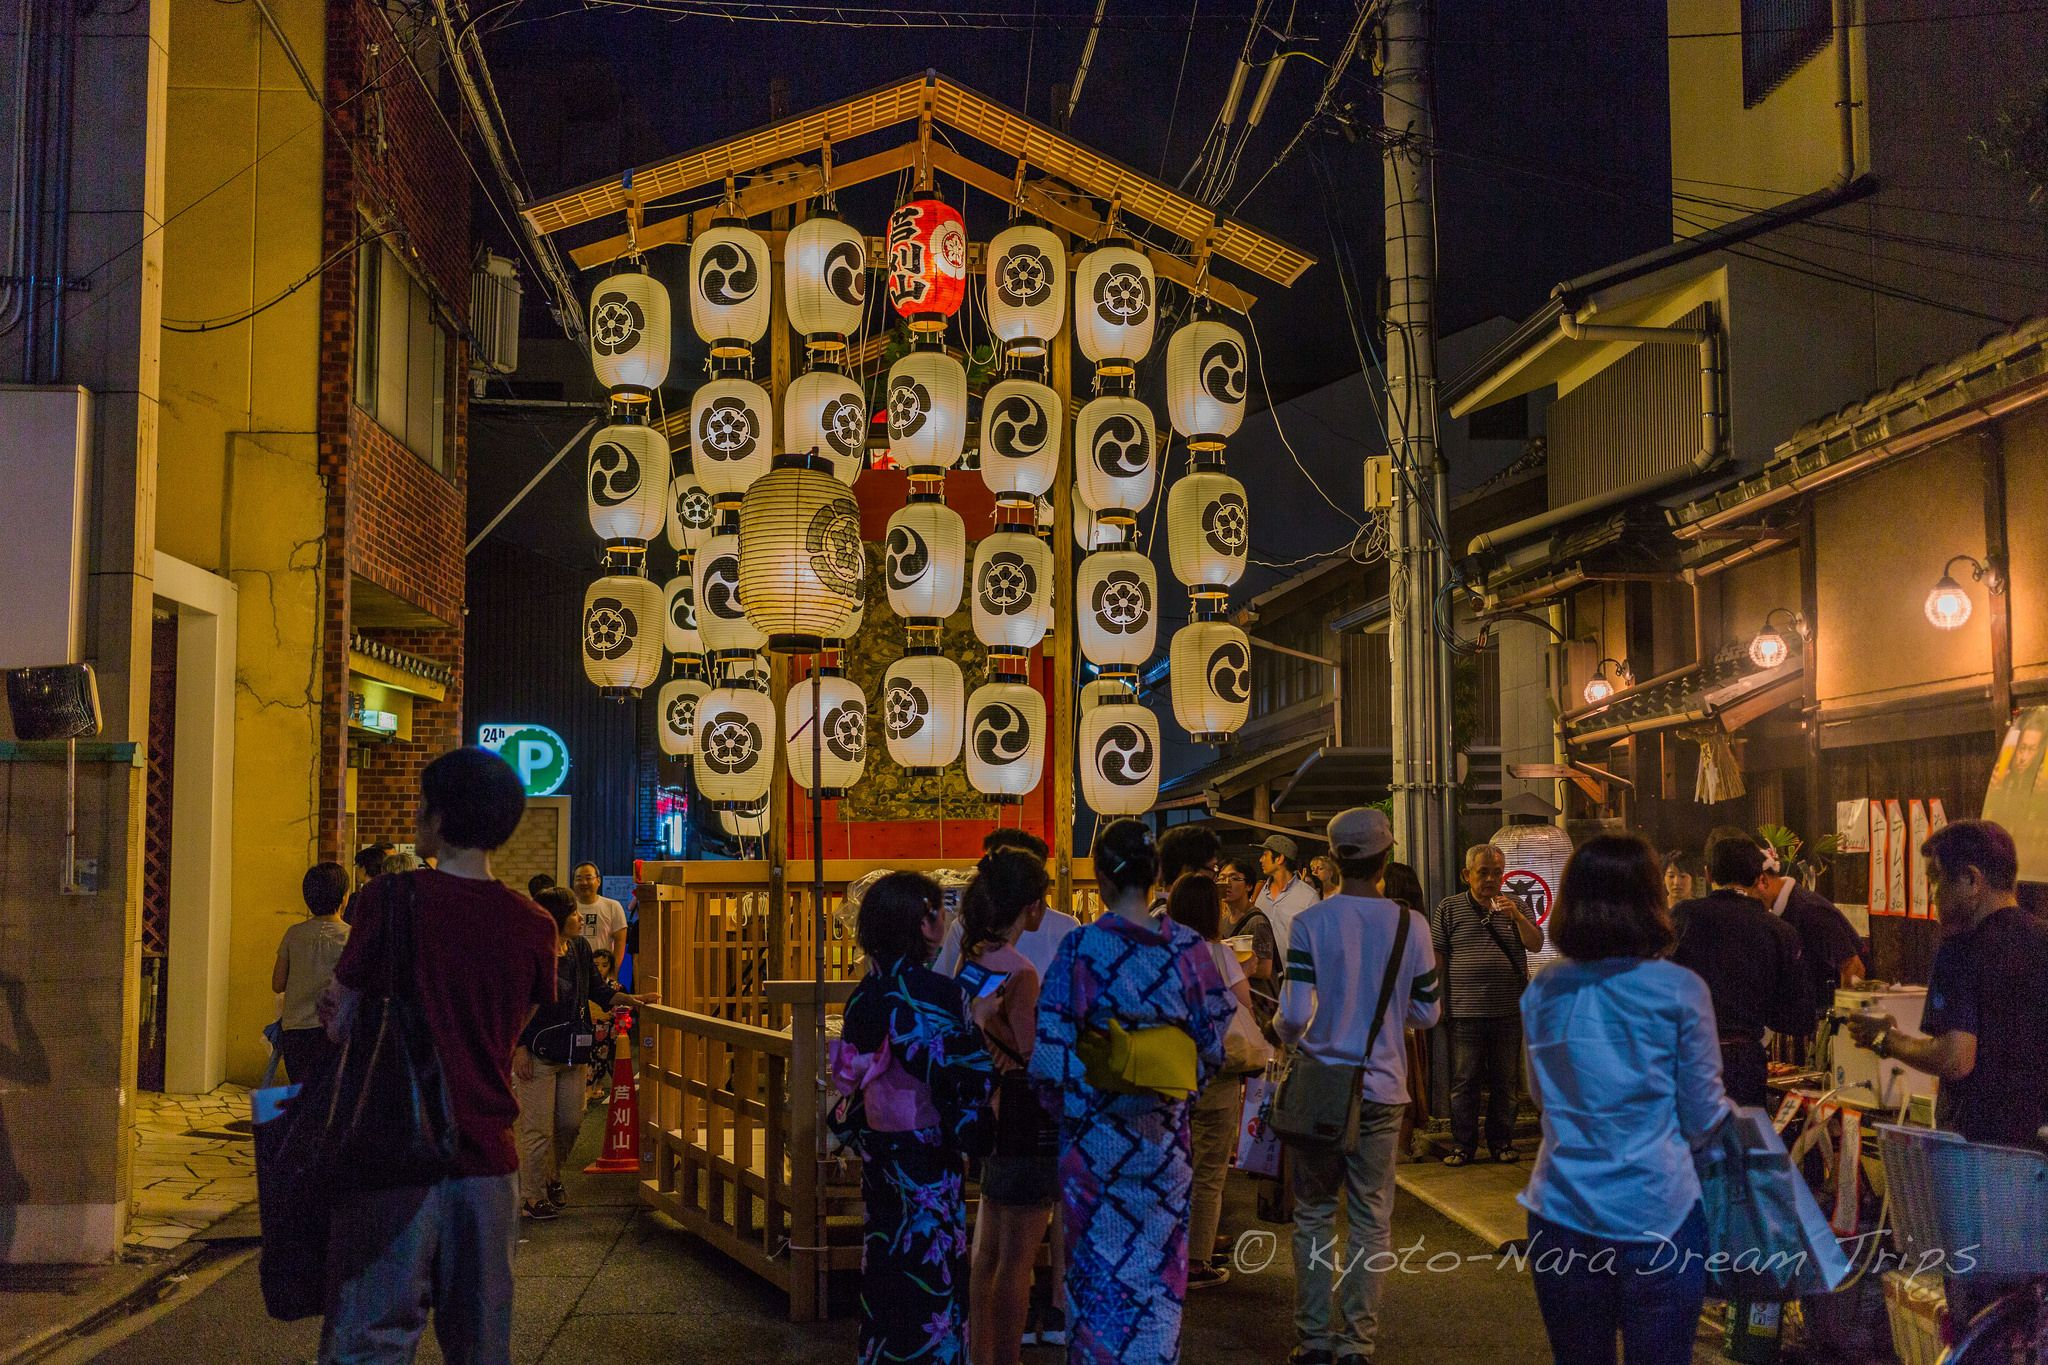 https://flic.kr/p/WxqzuF | Gion Matsuri 2017: YoiYoiYoiYama in Kyoto City! | Ashikari Yama (芦刈山) during yoiyoiyoiyama (宵々々山) Gion Matsuri (祇園祭り) in Kyoto City.